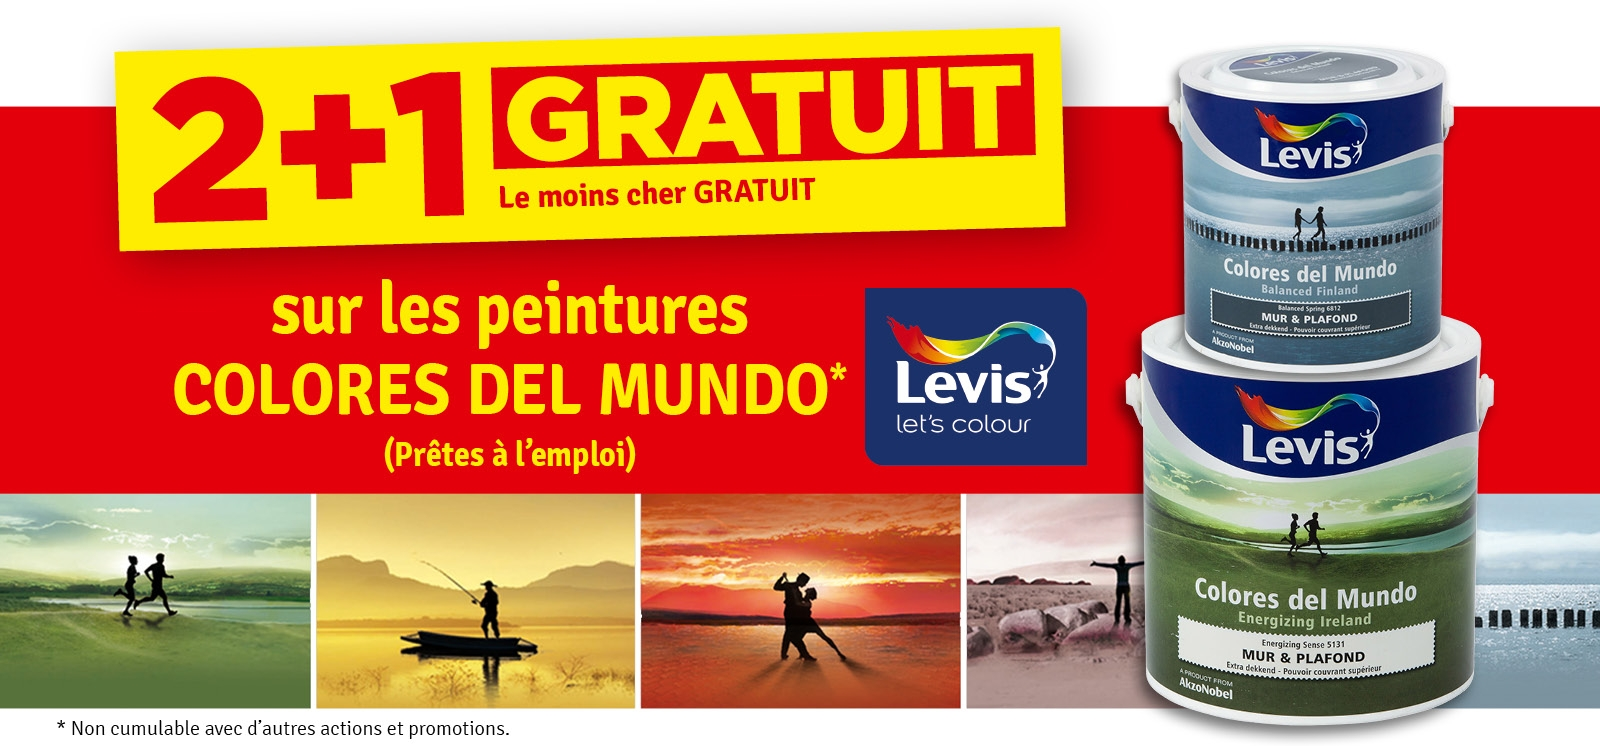 Promo - 2 + 1 Colores del Mundo LEVIS